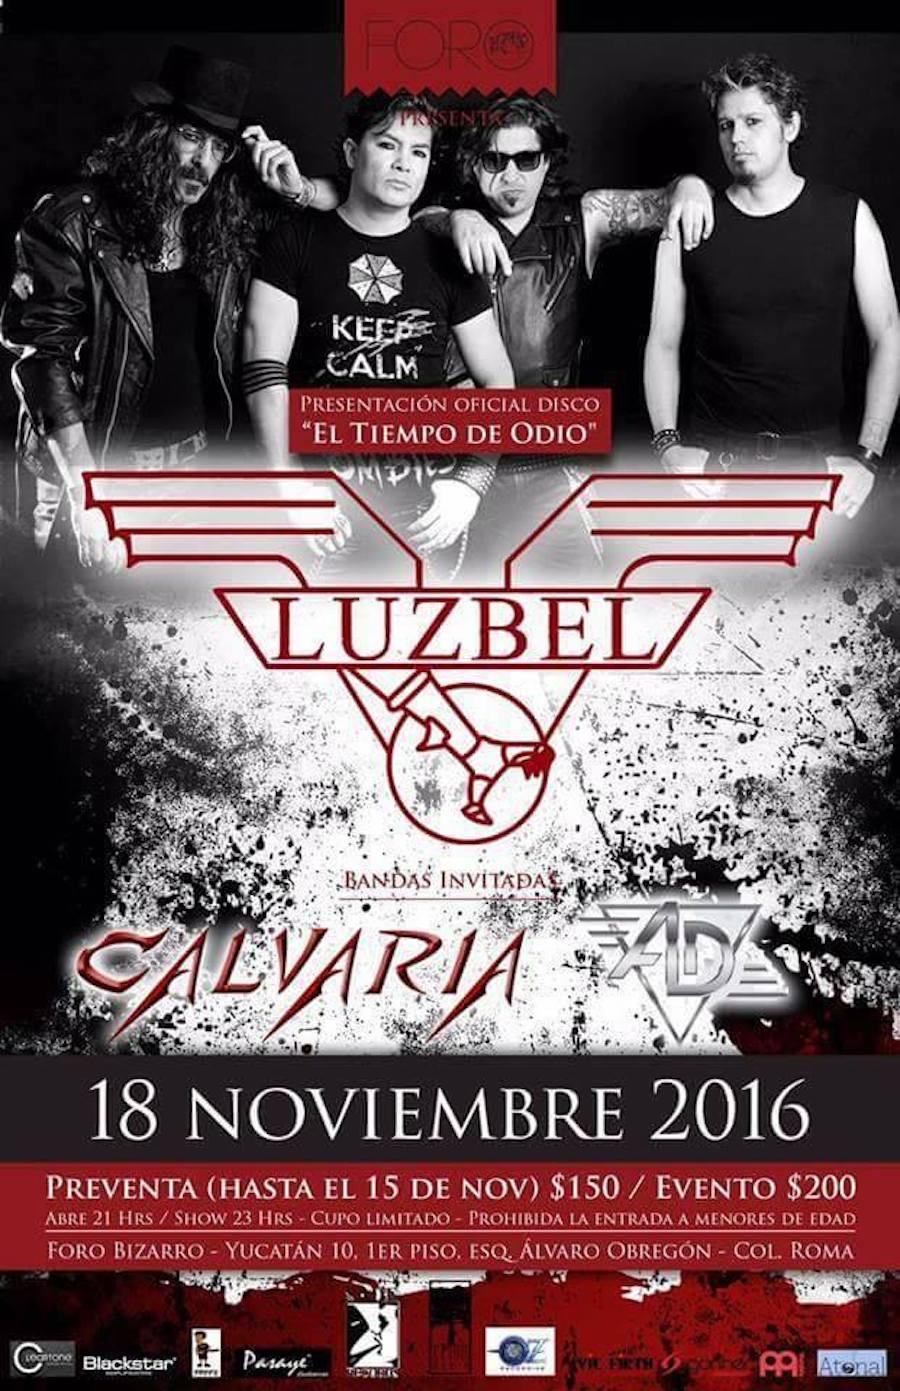 Luzbel presentará su nuevo álbum: El tiempo de odio